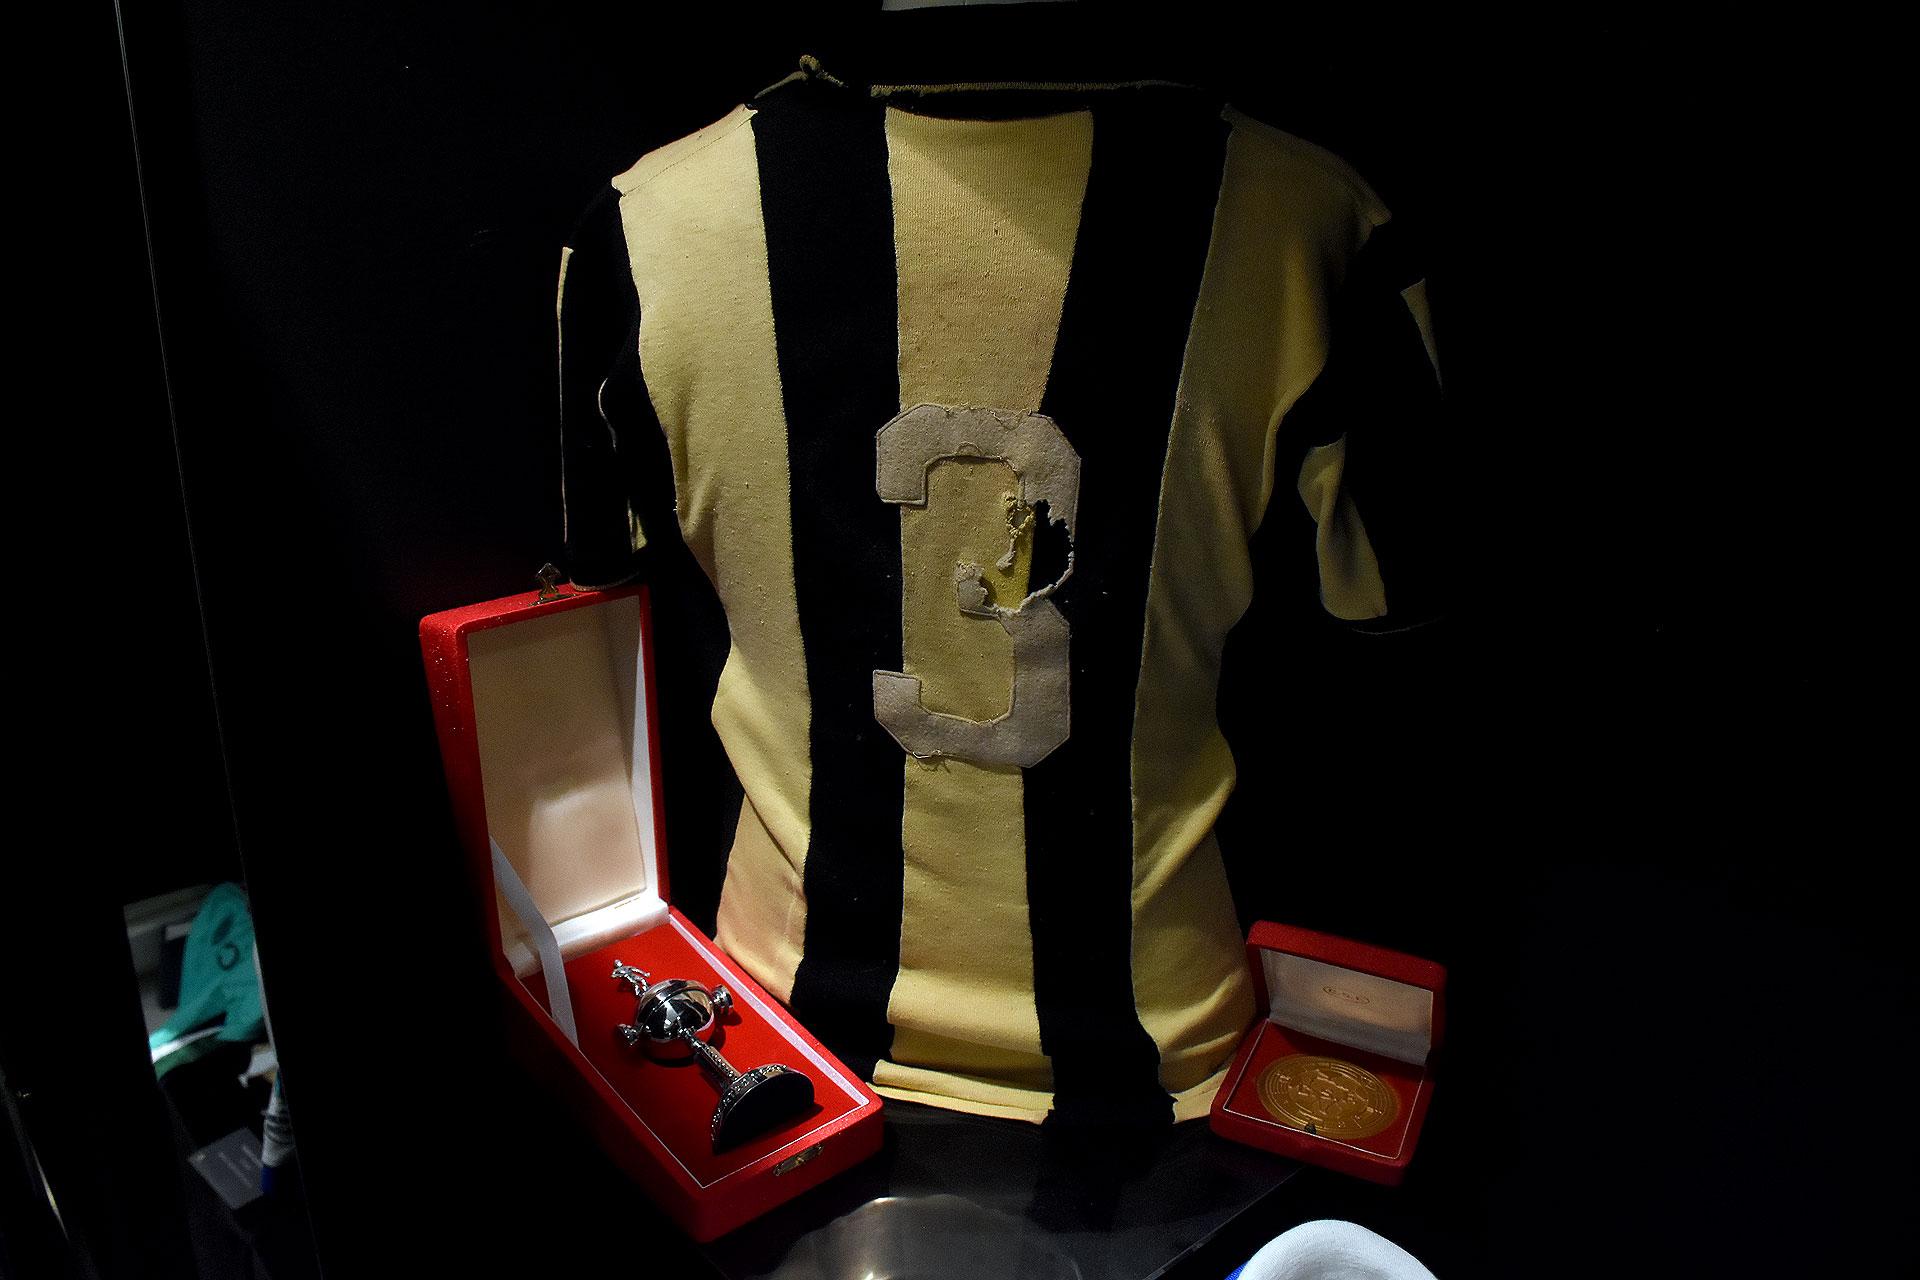 La número 3 de Peñarol de Montevideo, campeón de la Copa de Campeones (luego Copa Libertadores) en su primera edición de 1960 (Nicolas Stulberg)